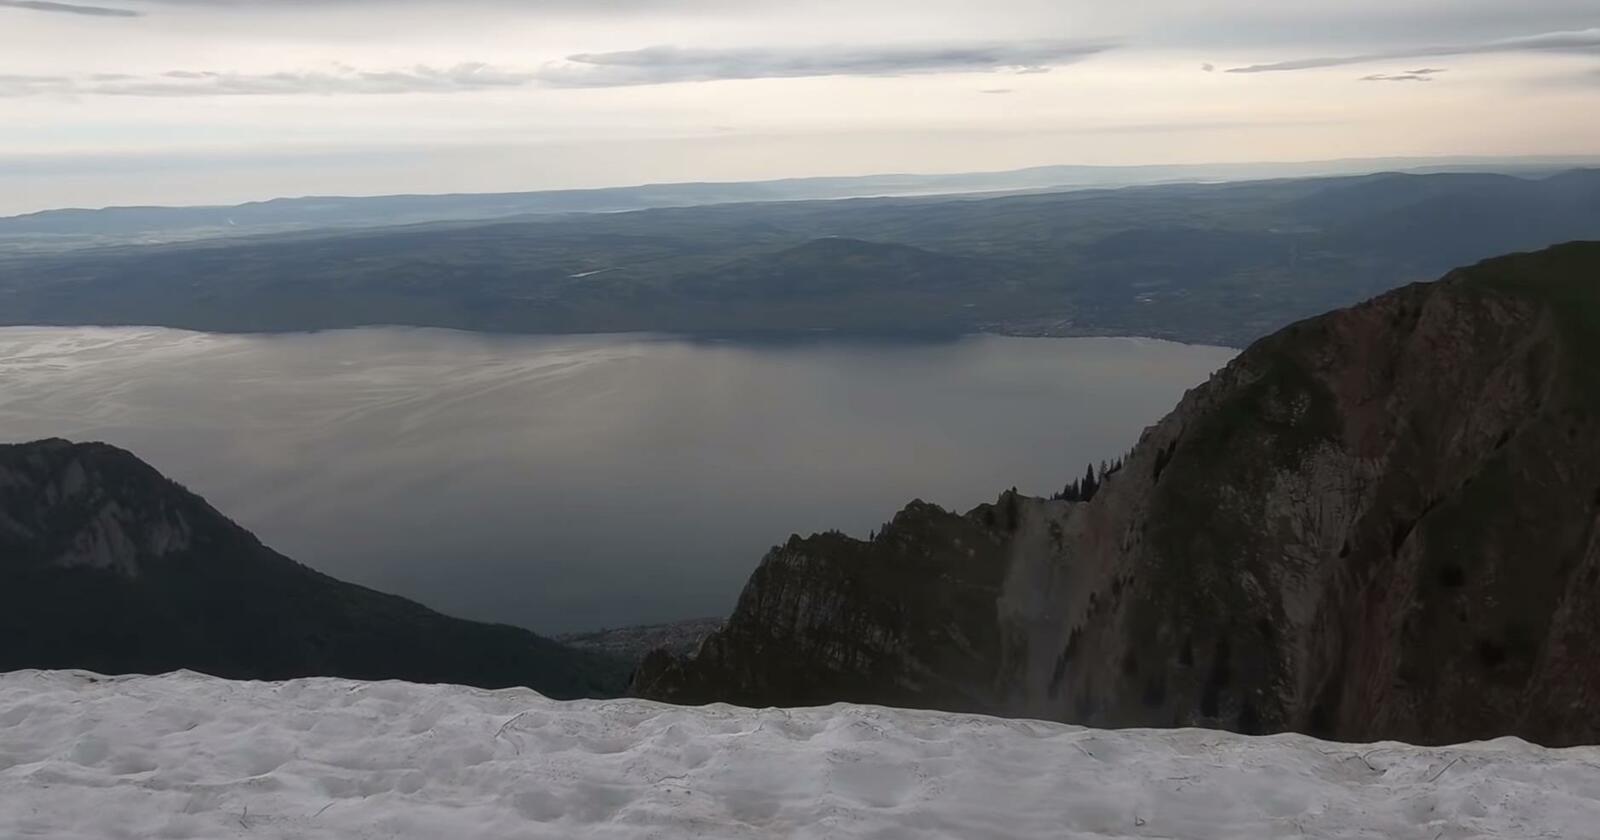 Comme une récompense, la vue sur le Lac Léman depuis le sommet... Image extraite de la Minute Nature n° 244 (Cliquez pour agrandir)